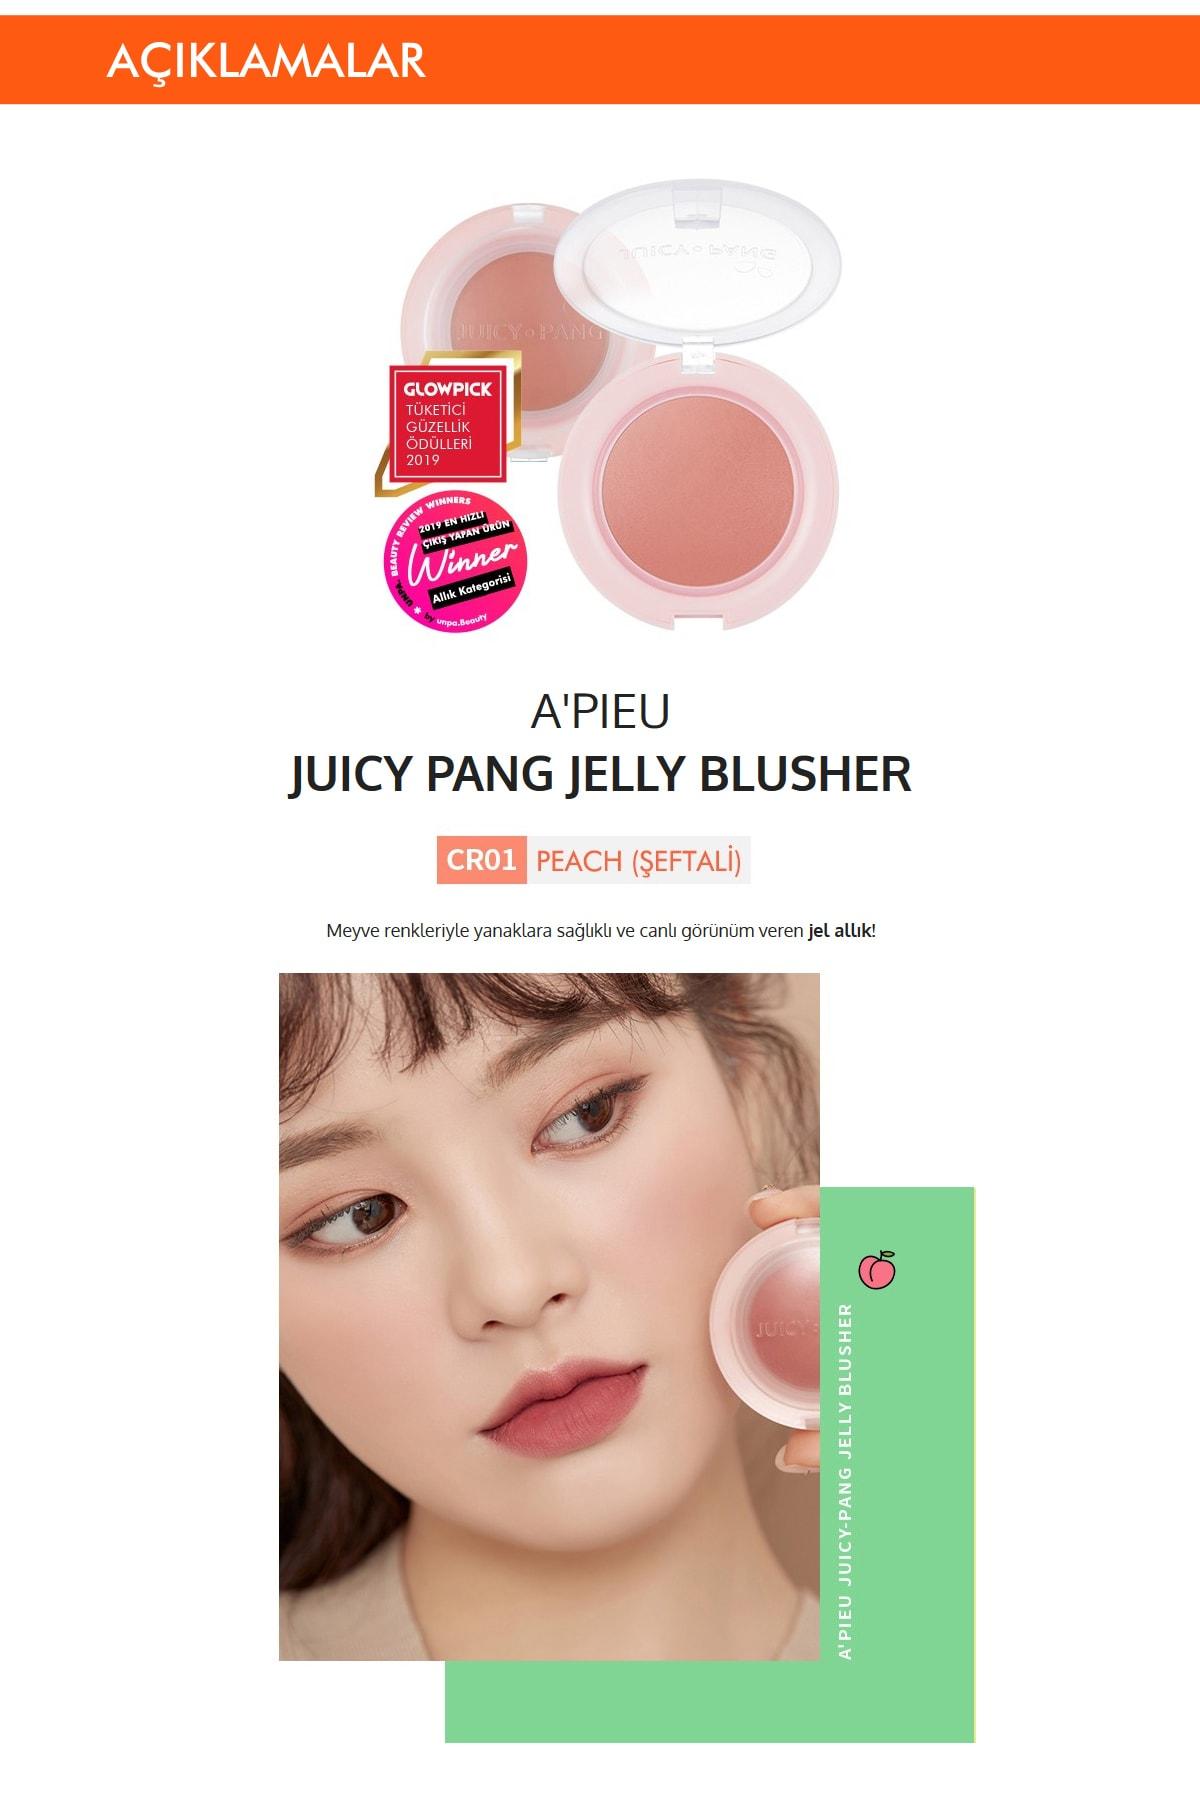 Missha Meyve Tonlarında Doğal Görünümlü Jel Allık APIEU Juicy-Pang Jelly Blusher (CR01) 1